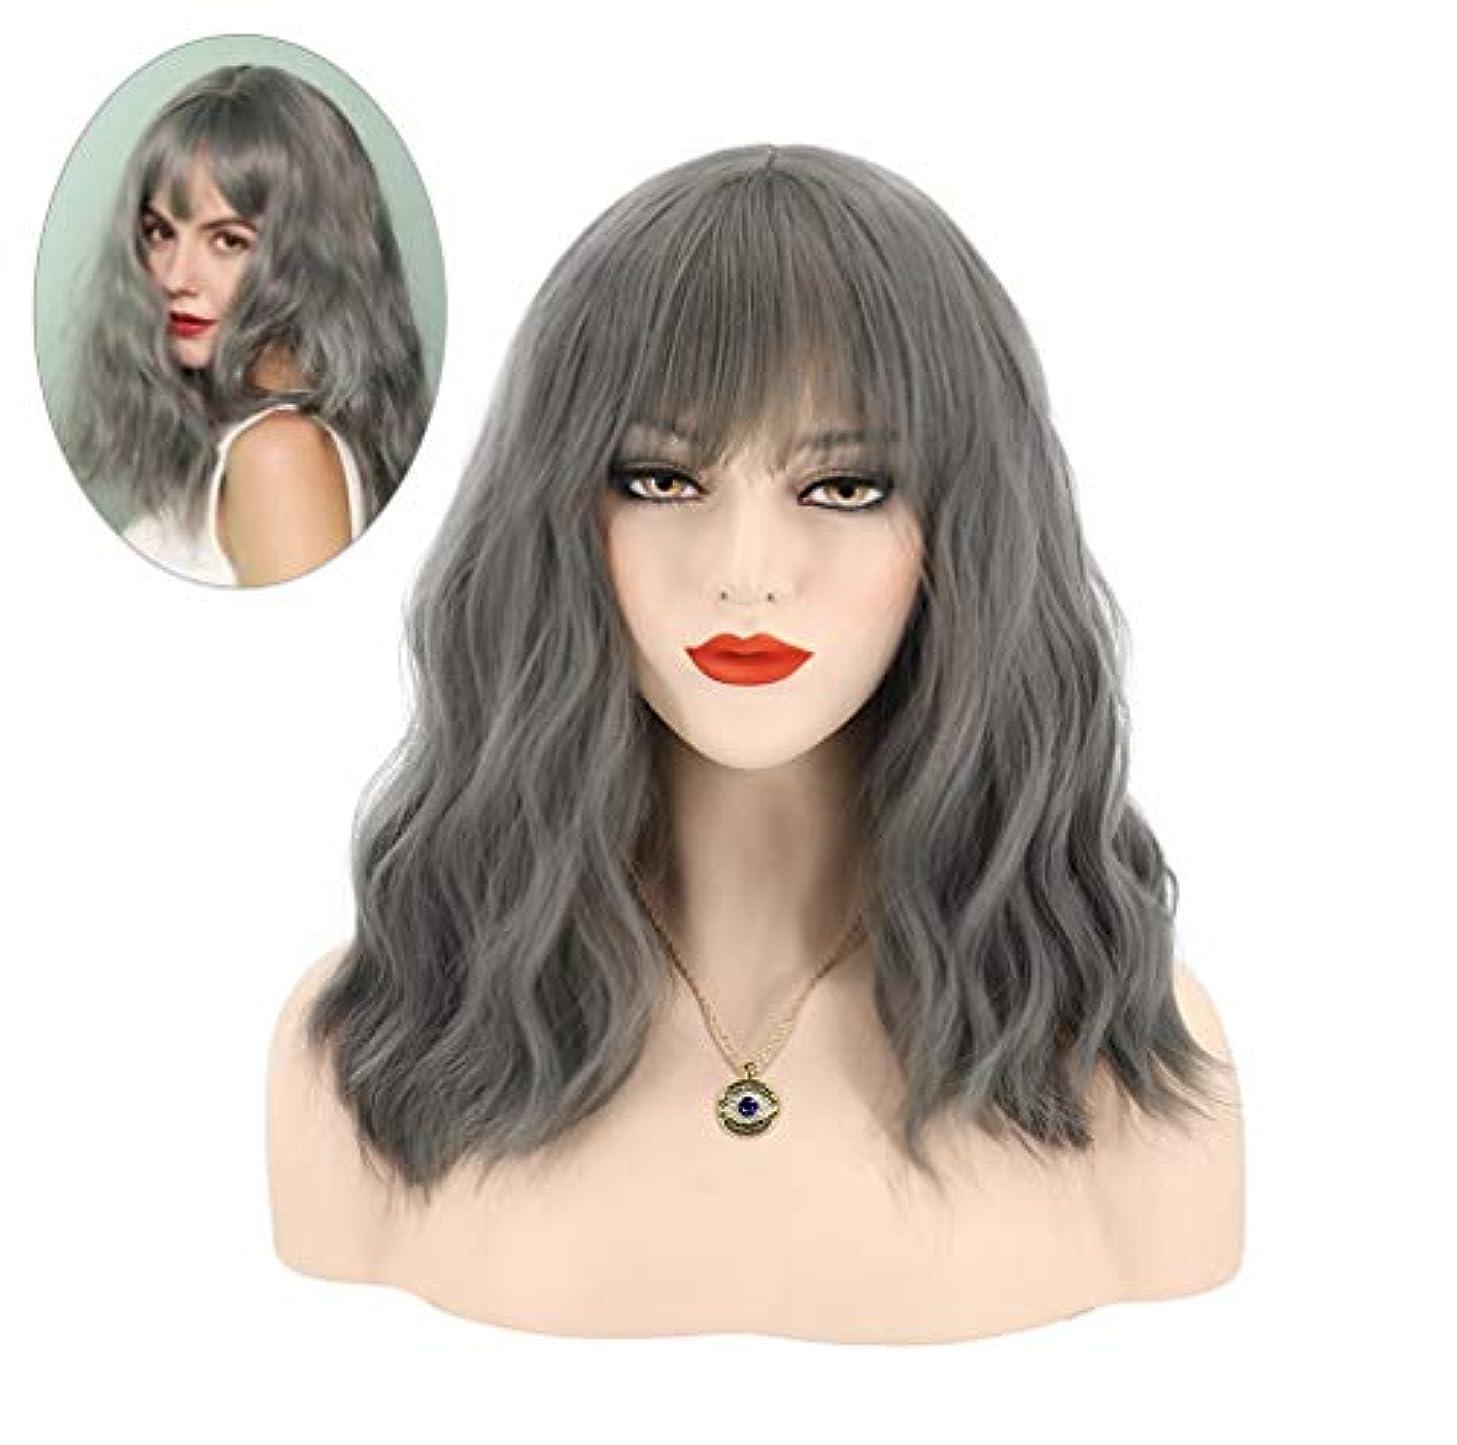 分岐する日常的に全国女性かつらカール耐熱合成繊維水波かつらベビーヘアウィッグ150%密度グレー45センチ